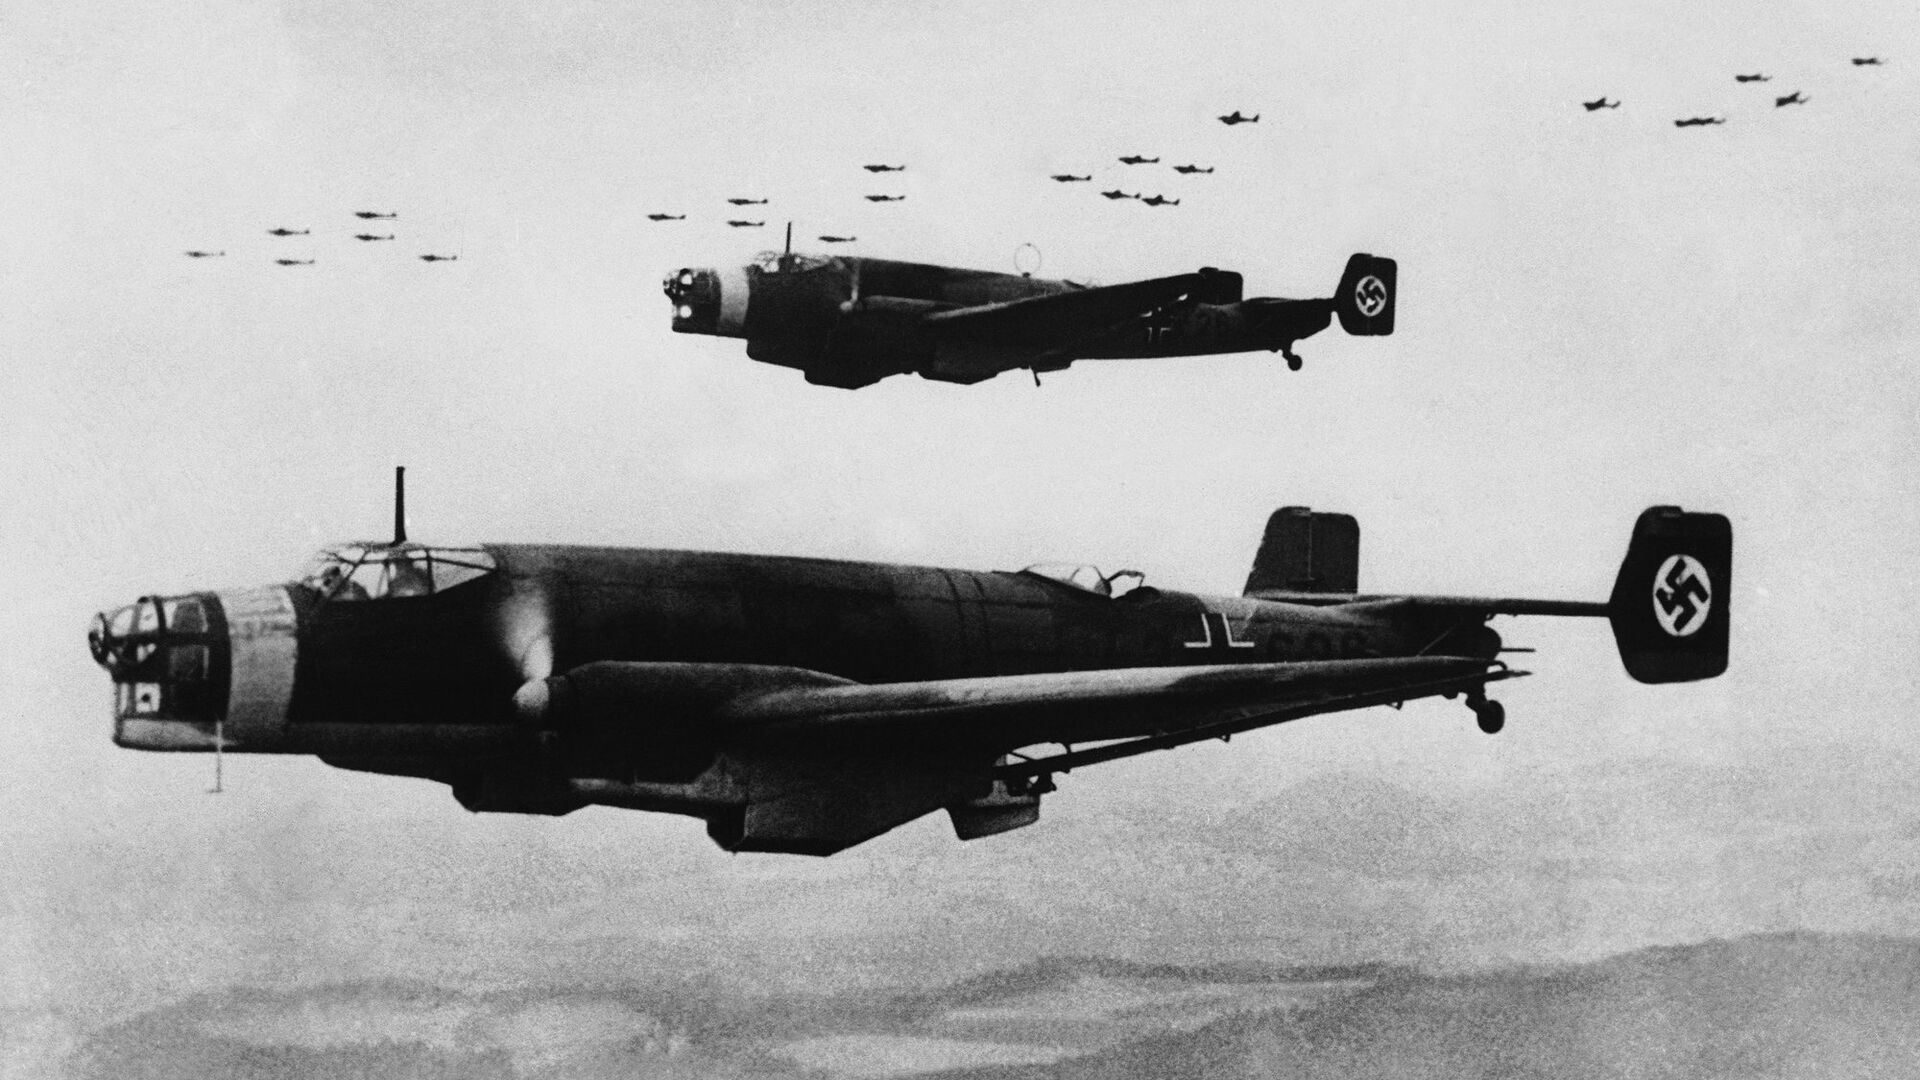 Немецкие бомбардировщики - РИА Новости, 1920, 22.07.2021